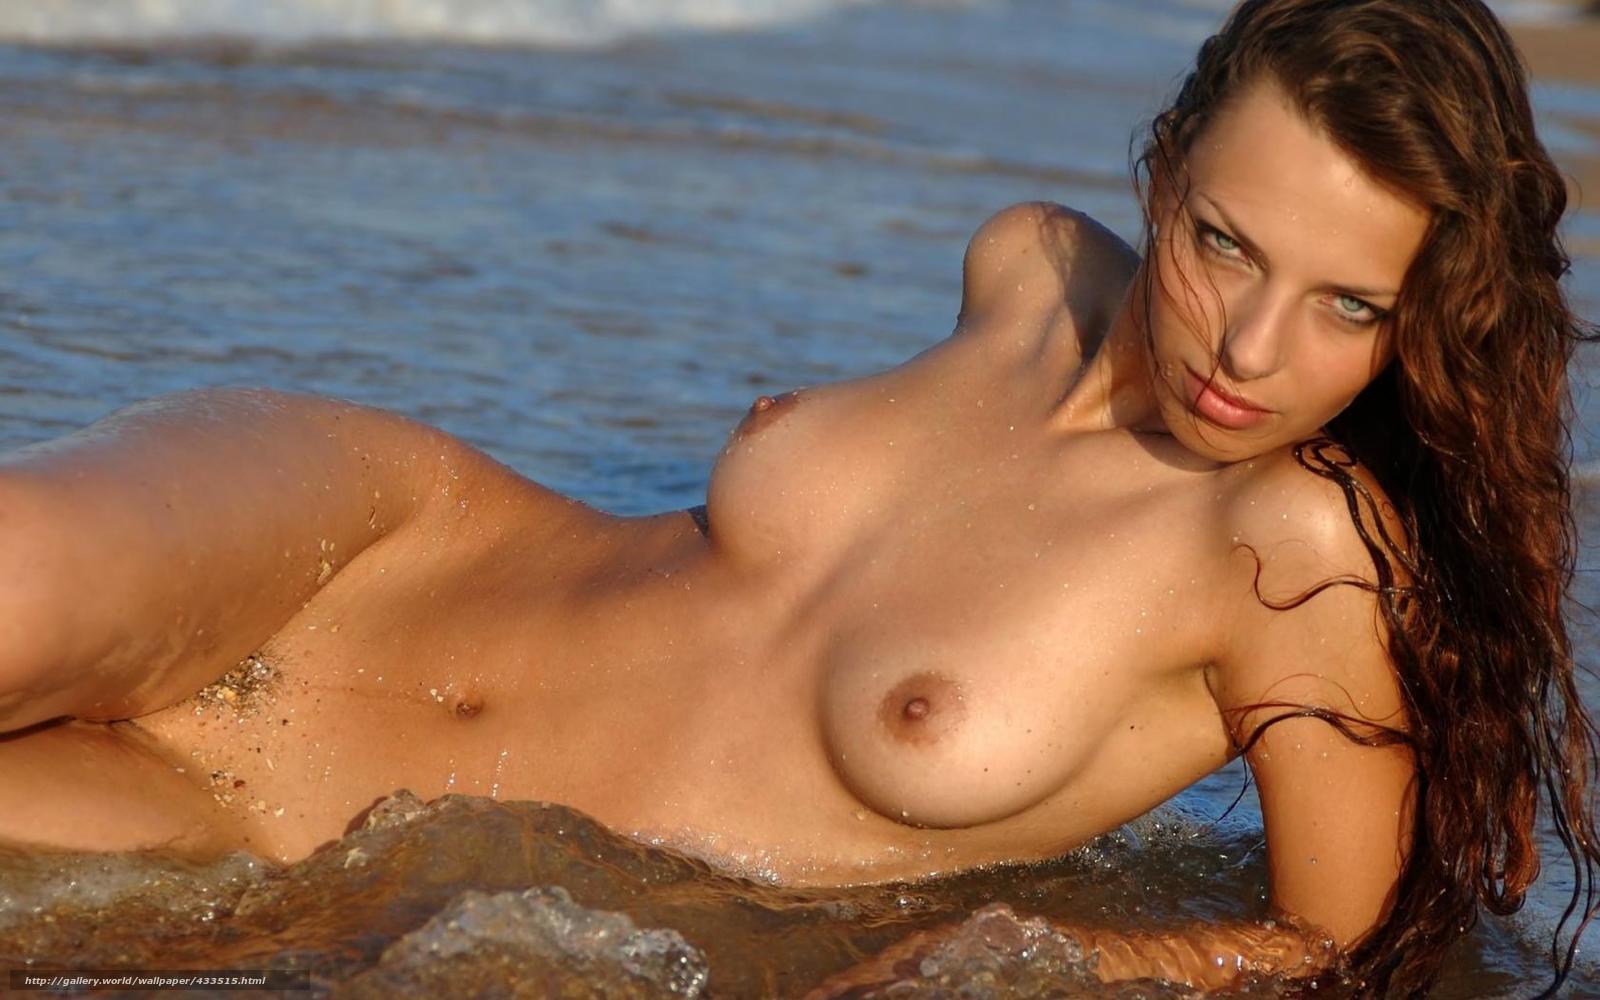 Эротическое фото девушки nude 24 фотография